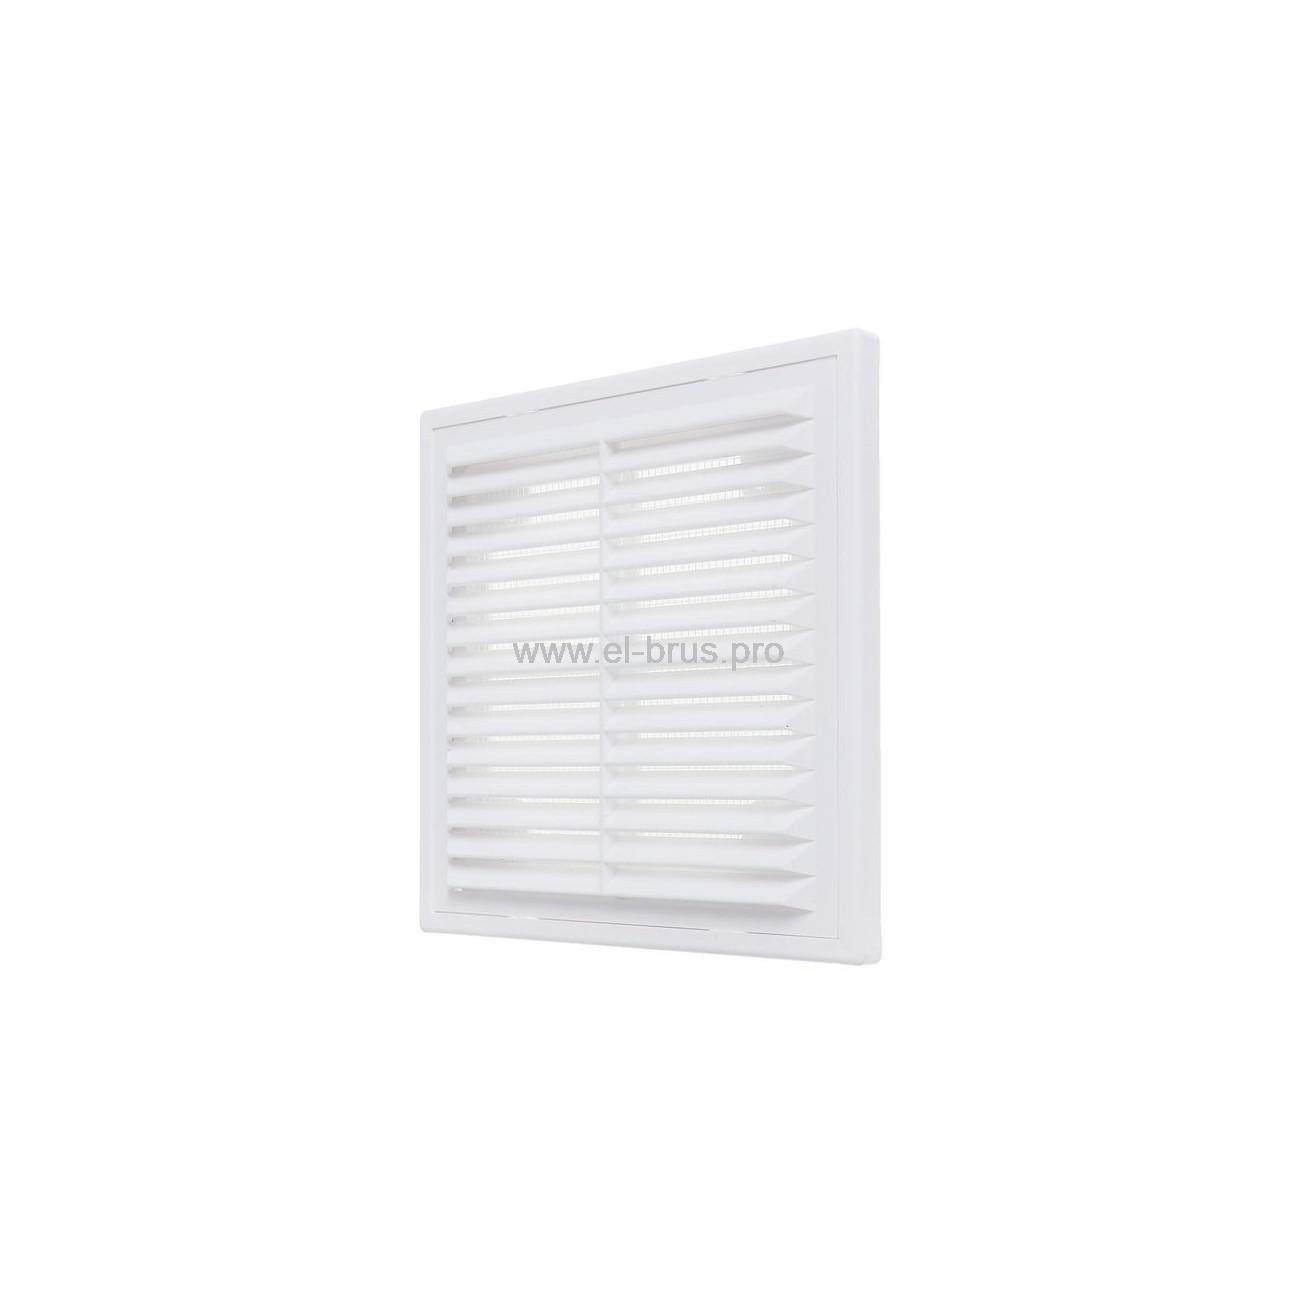 Решетка вент. разъемная с сеткой 150х150мм белая ERA 1515Р